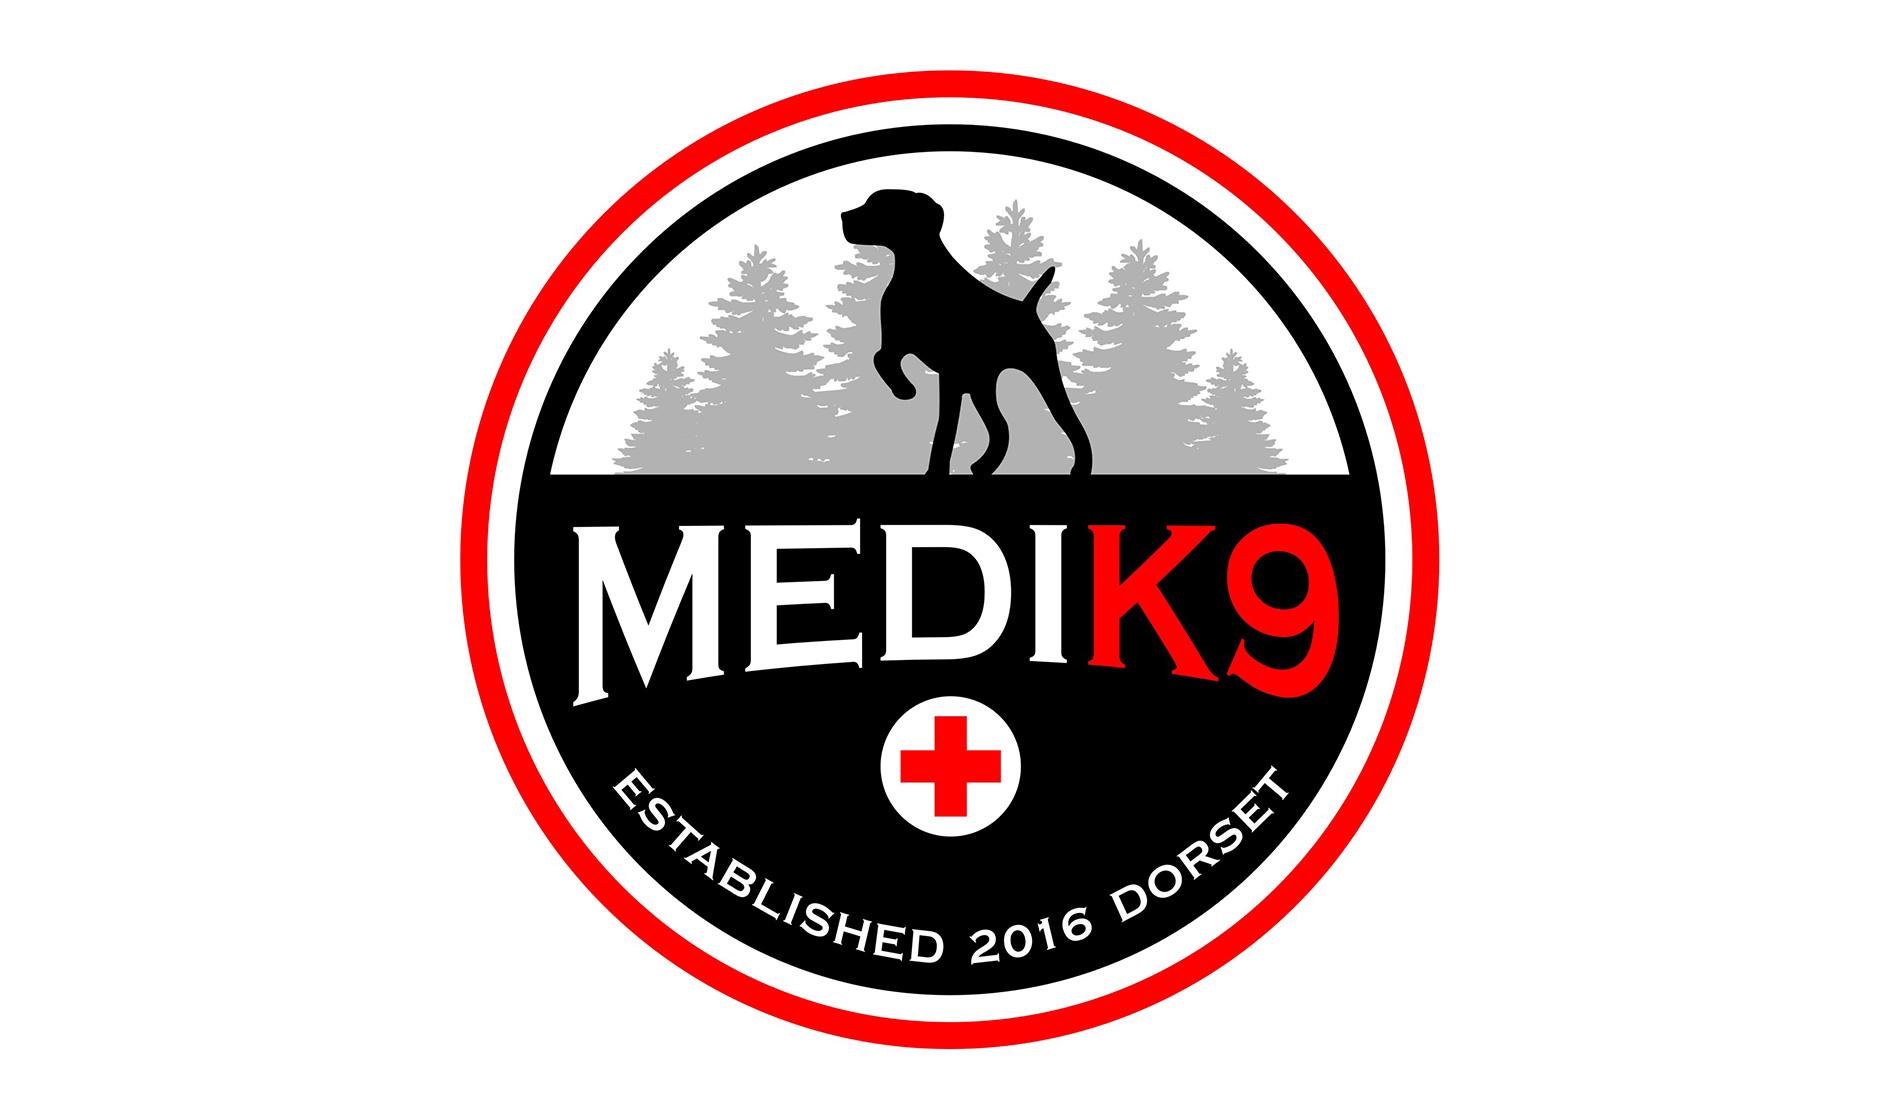 MediK9